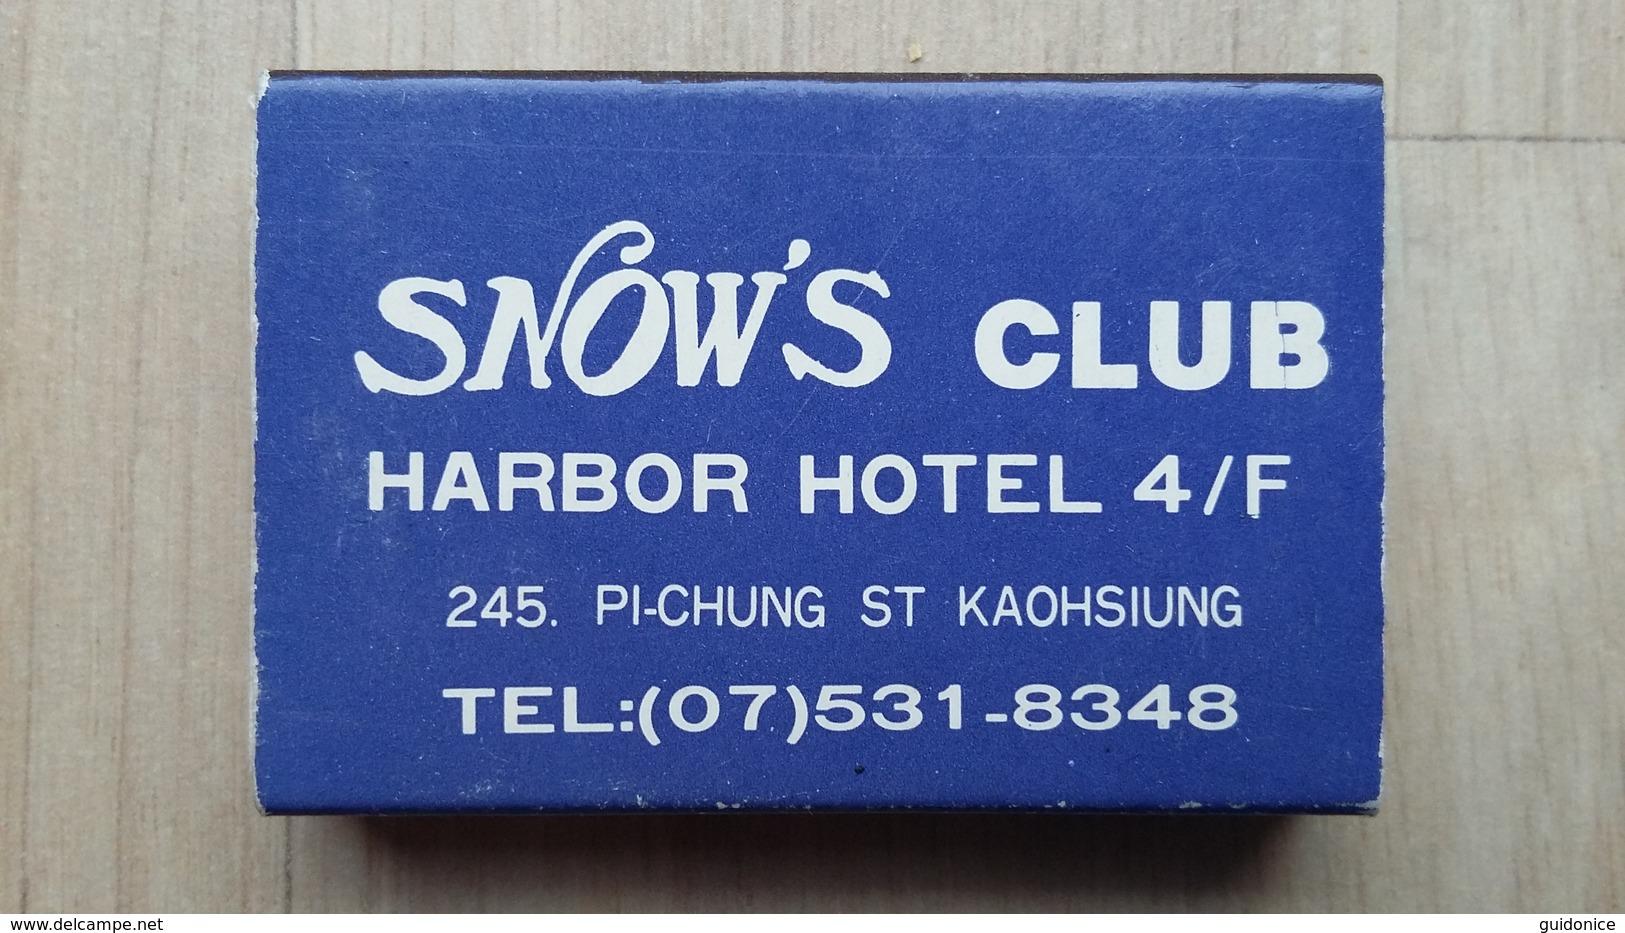 Zündholzschachtel Mit Werbung Für Einen Club In Kaohsiung (Taiwan) - Zündholzschachteln